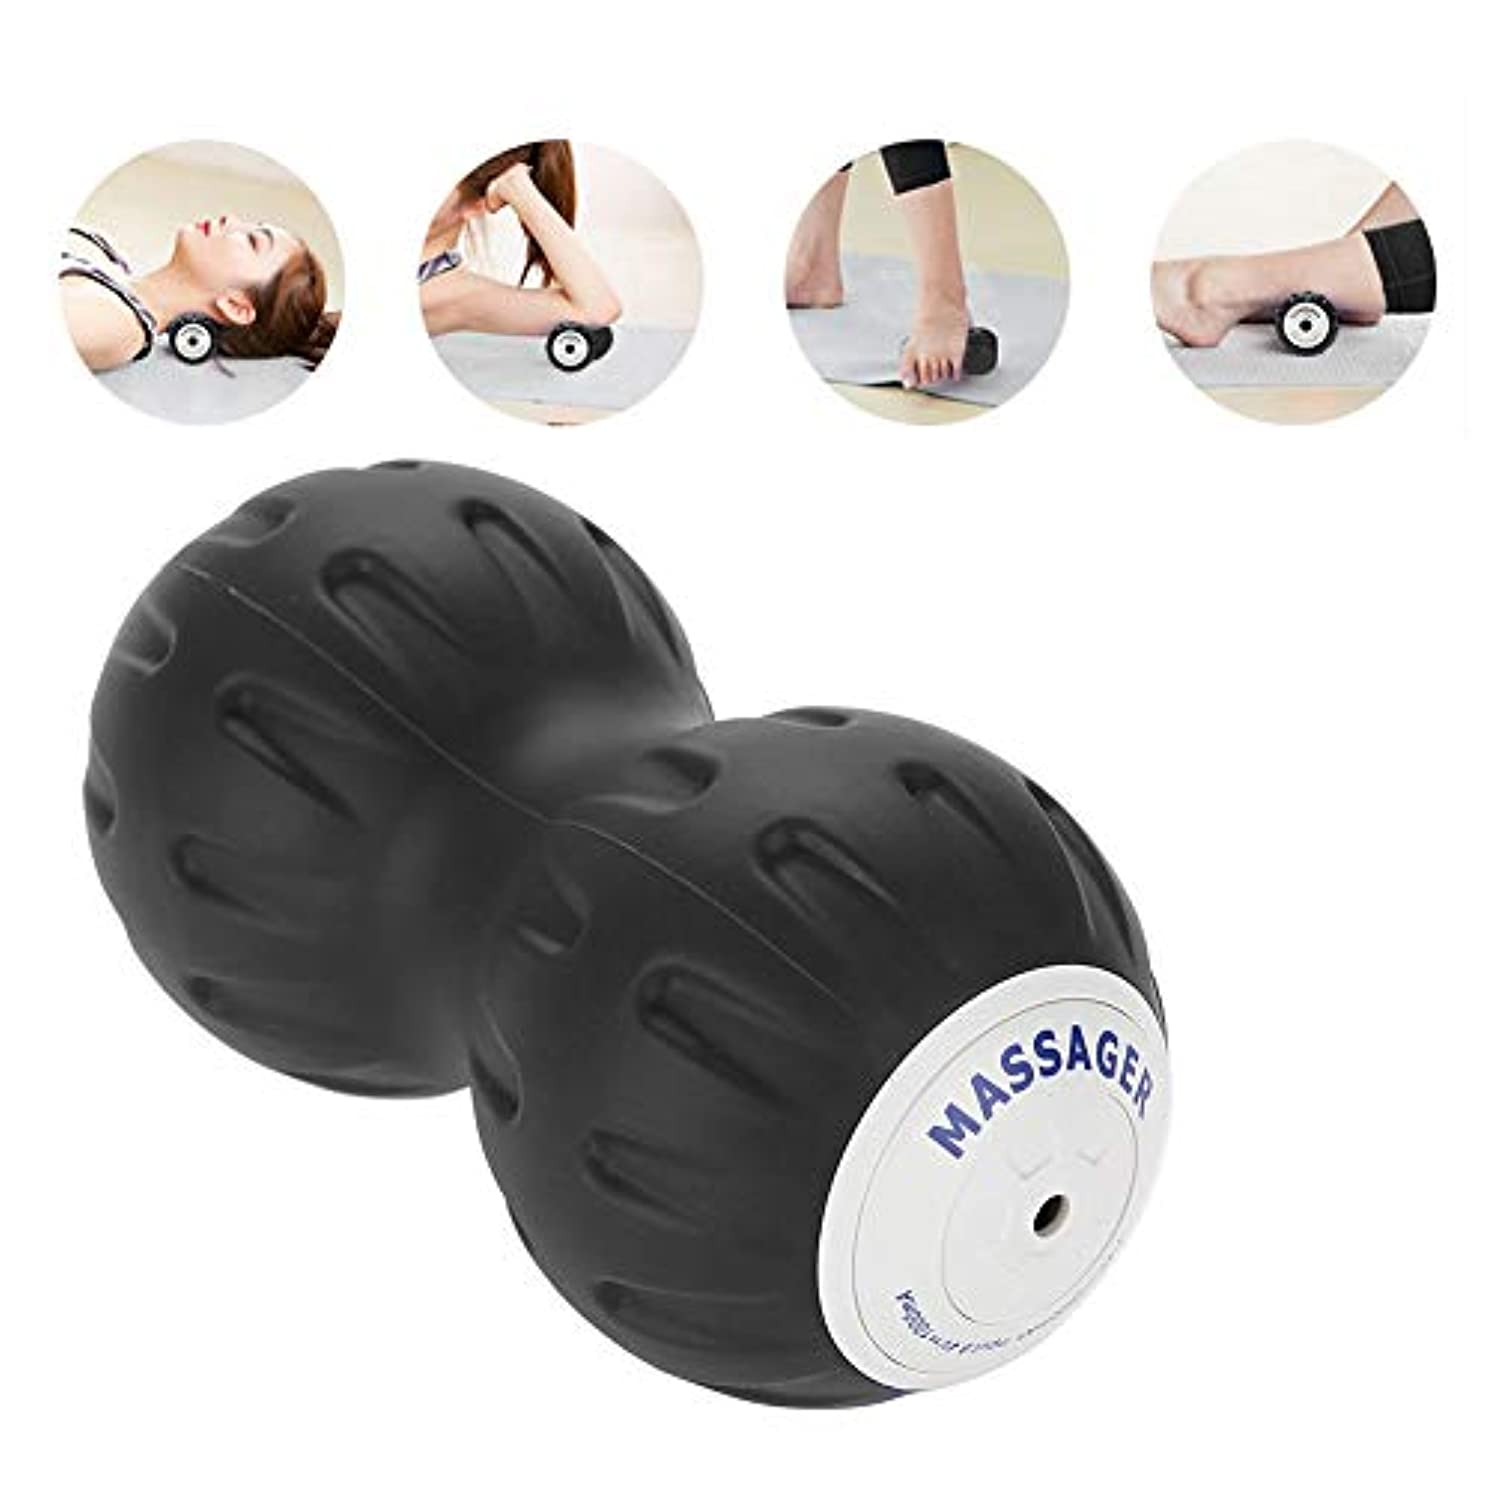 ピーナッツマッサージボール、電気二重ラクロスボール3スピード高輝度ヨガ枕筋肉リラックス筋膜マッサージローラー(US-Plug)